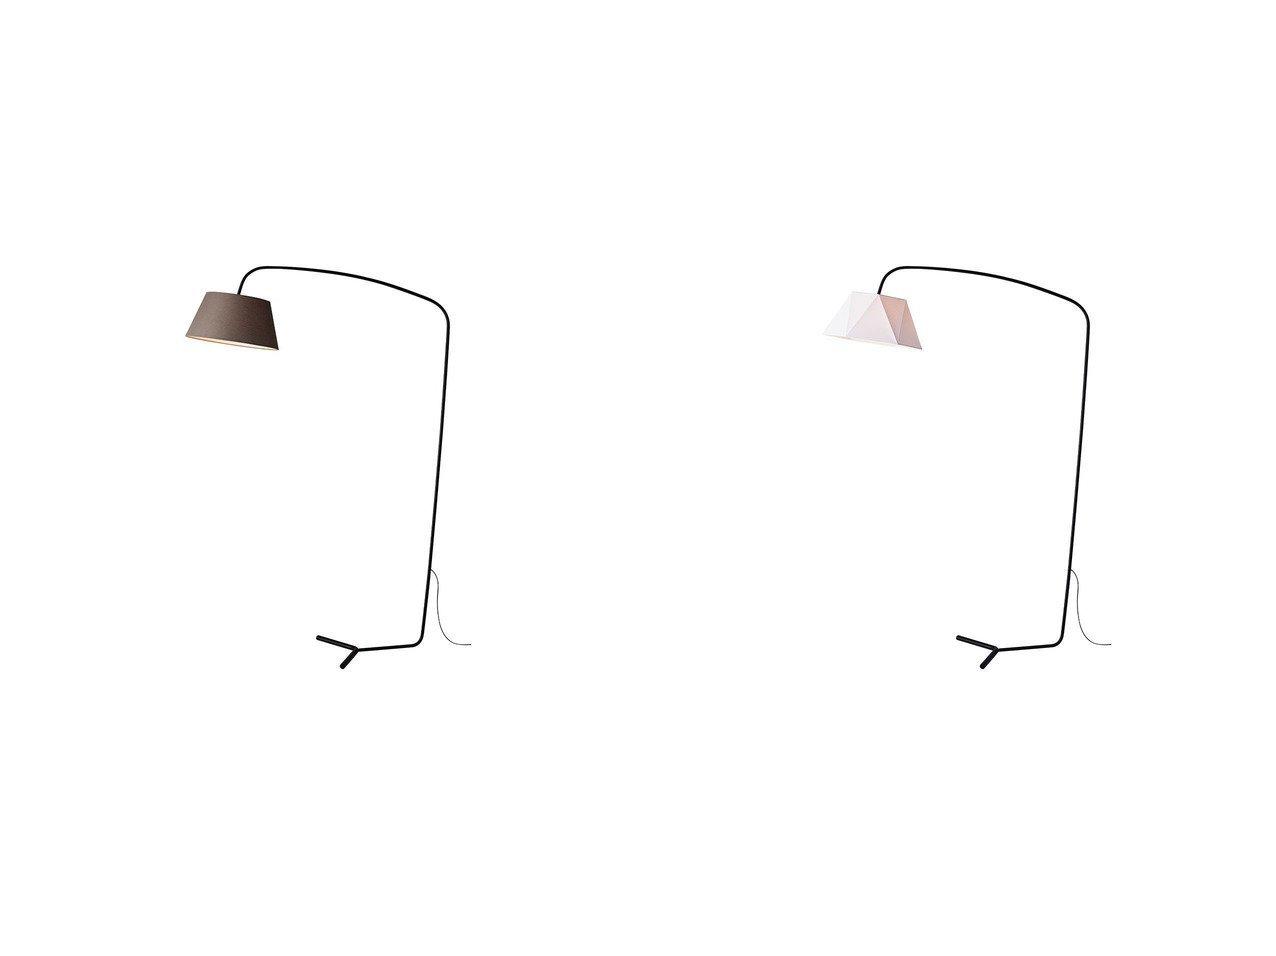 【FLYMEe Parlor/フライミーパーラー】のフロアーランプ #108222&フロアーランプ #108223 【FURNITURE】おすすめ!人気、インテリア雑貨・家具の通販 おすすめで人気の流行・トレンド、ファッションの通販商品 インテリア・家具・メンズファッション・キッズファッション・レディースファッション・服の通販 founy(ファニー) https://founy.com/ 送料無料 Free Shipping テーブル リラックス ホーム・キャンプ・アウトドア Home,Garden,Outdoor,Camping Gear 家具・インテリア Furniture ライト・照明 Lighting & Light Fixtures フロアライト・スタンドライト |ID:crp329100000062724